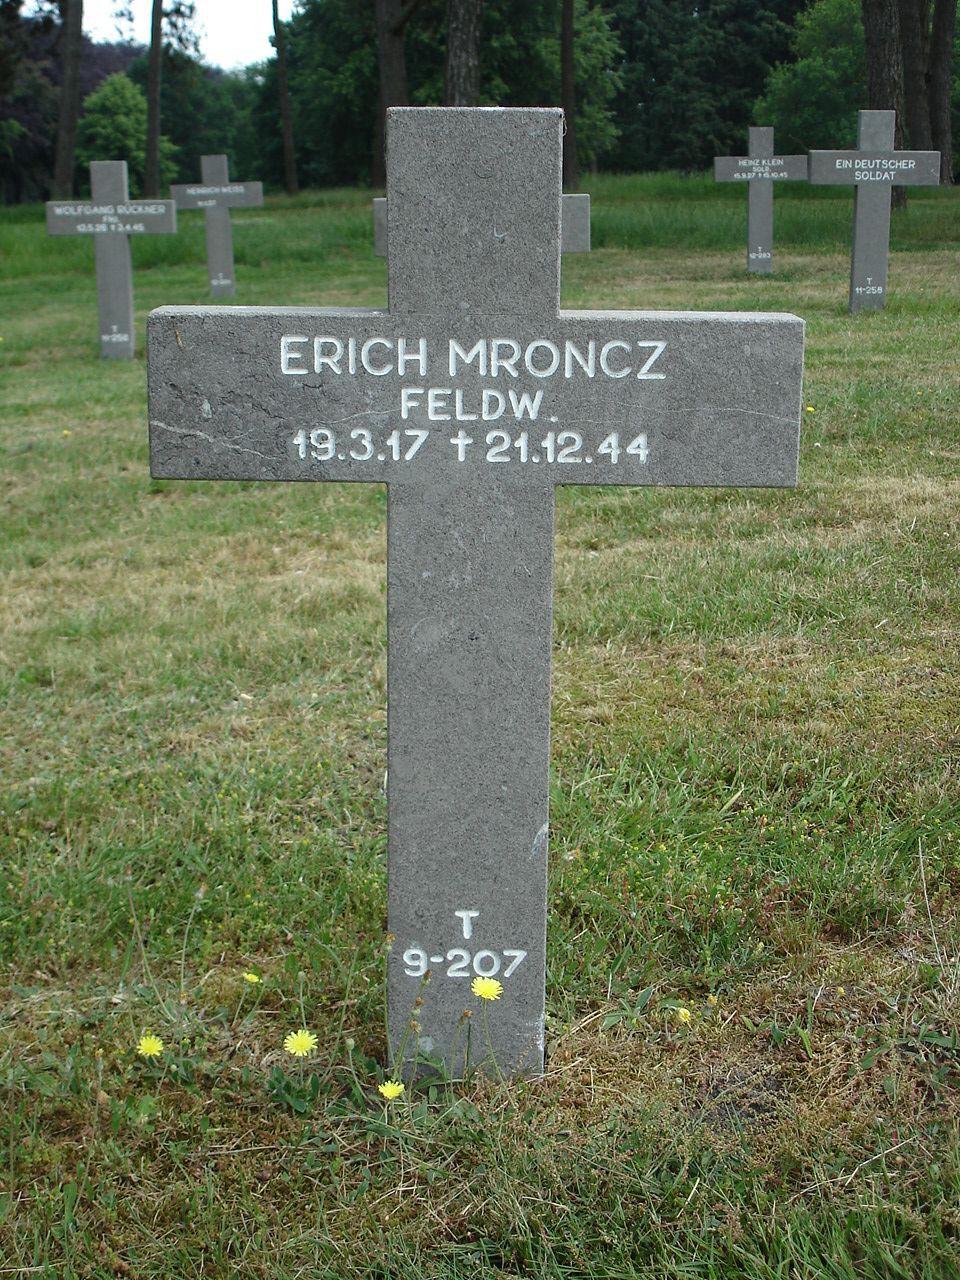 Erich Mroncz